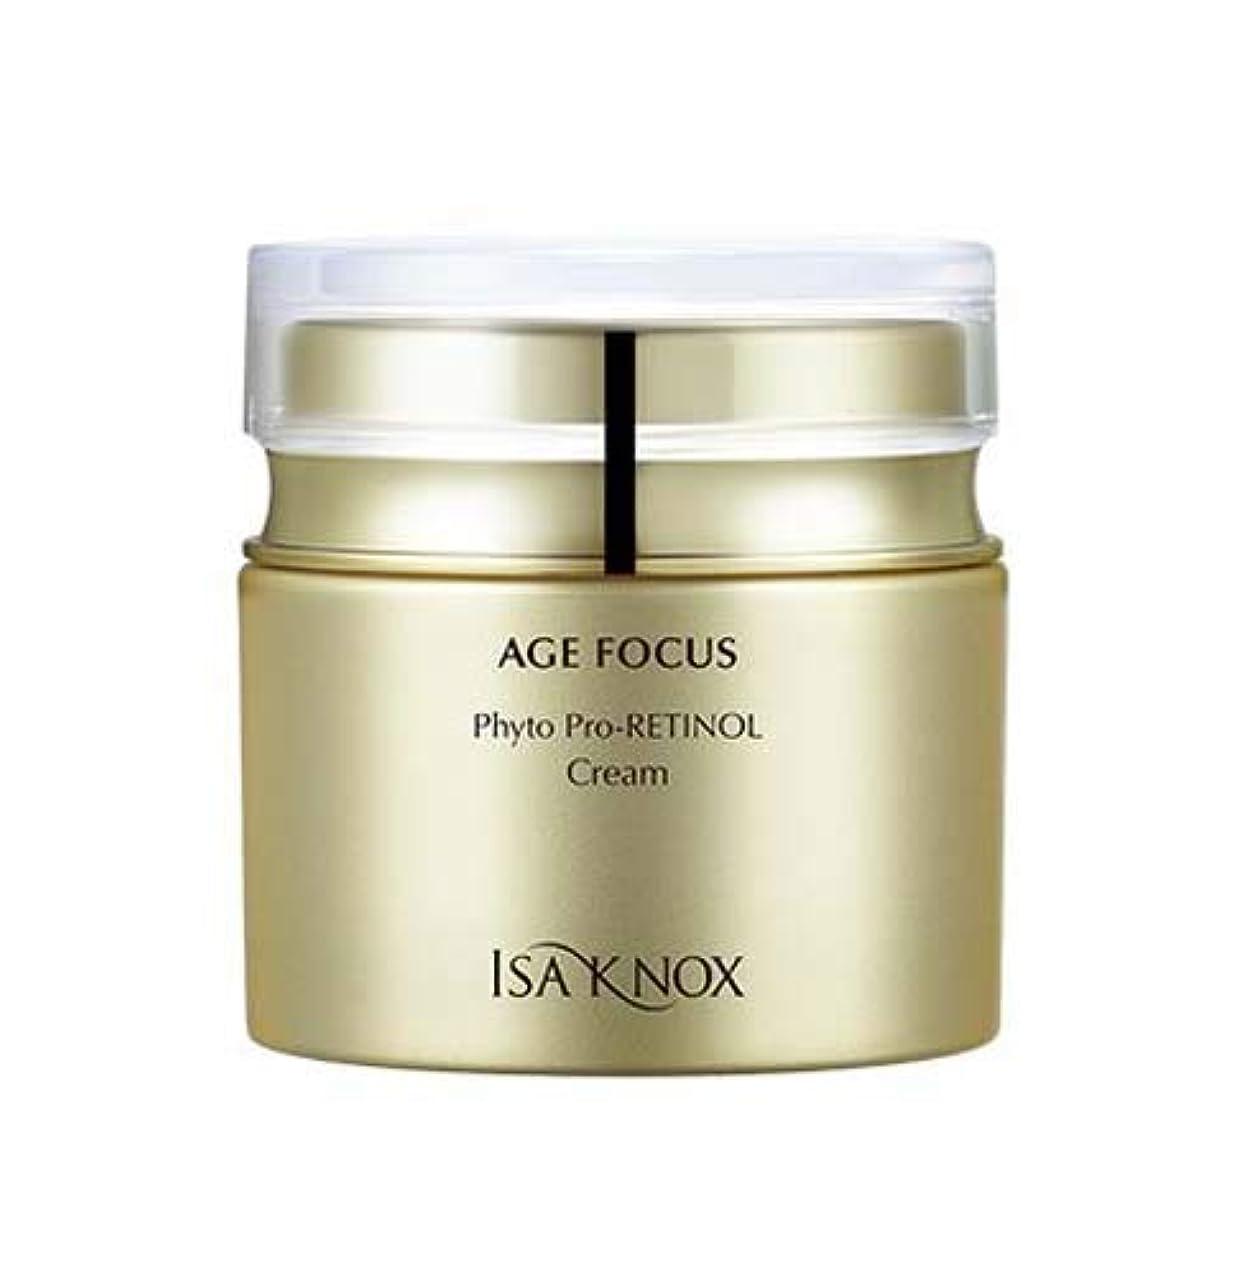 大量苦痛セミナー[イザノックス] ISA KNOX [エイジフォーカス フィト プロレチノール クリーム 50ml] AGE FOCUS Pro-Retinol Cream 50ml [海外直送品]